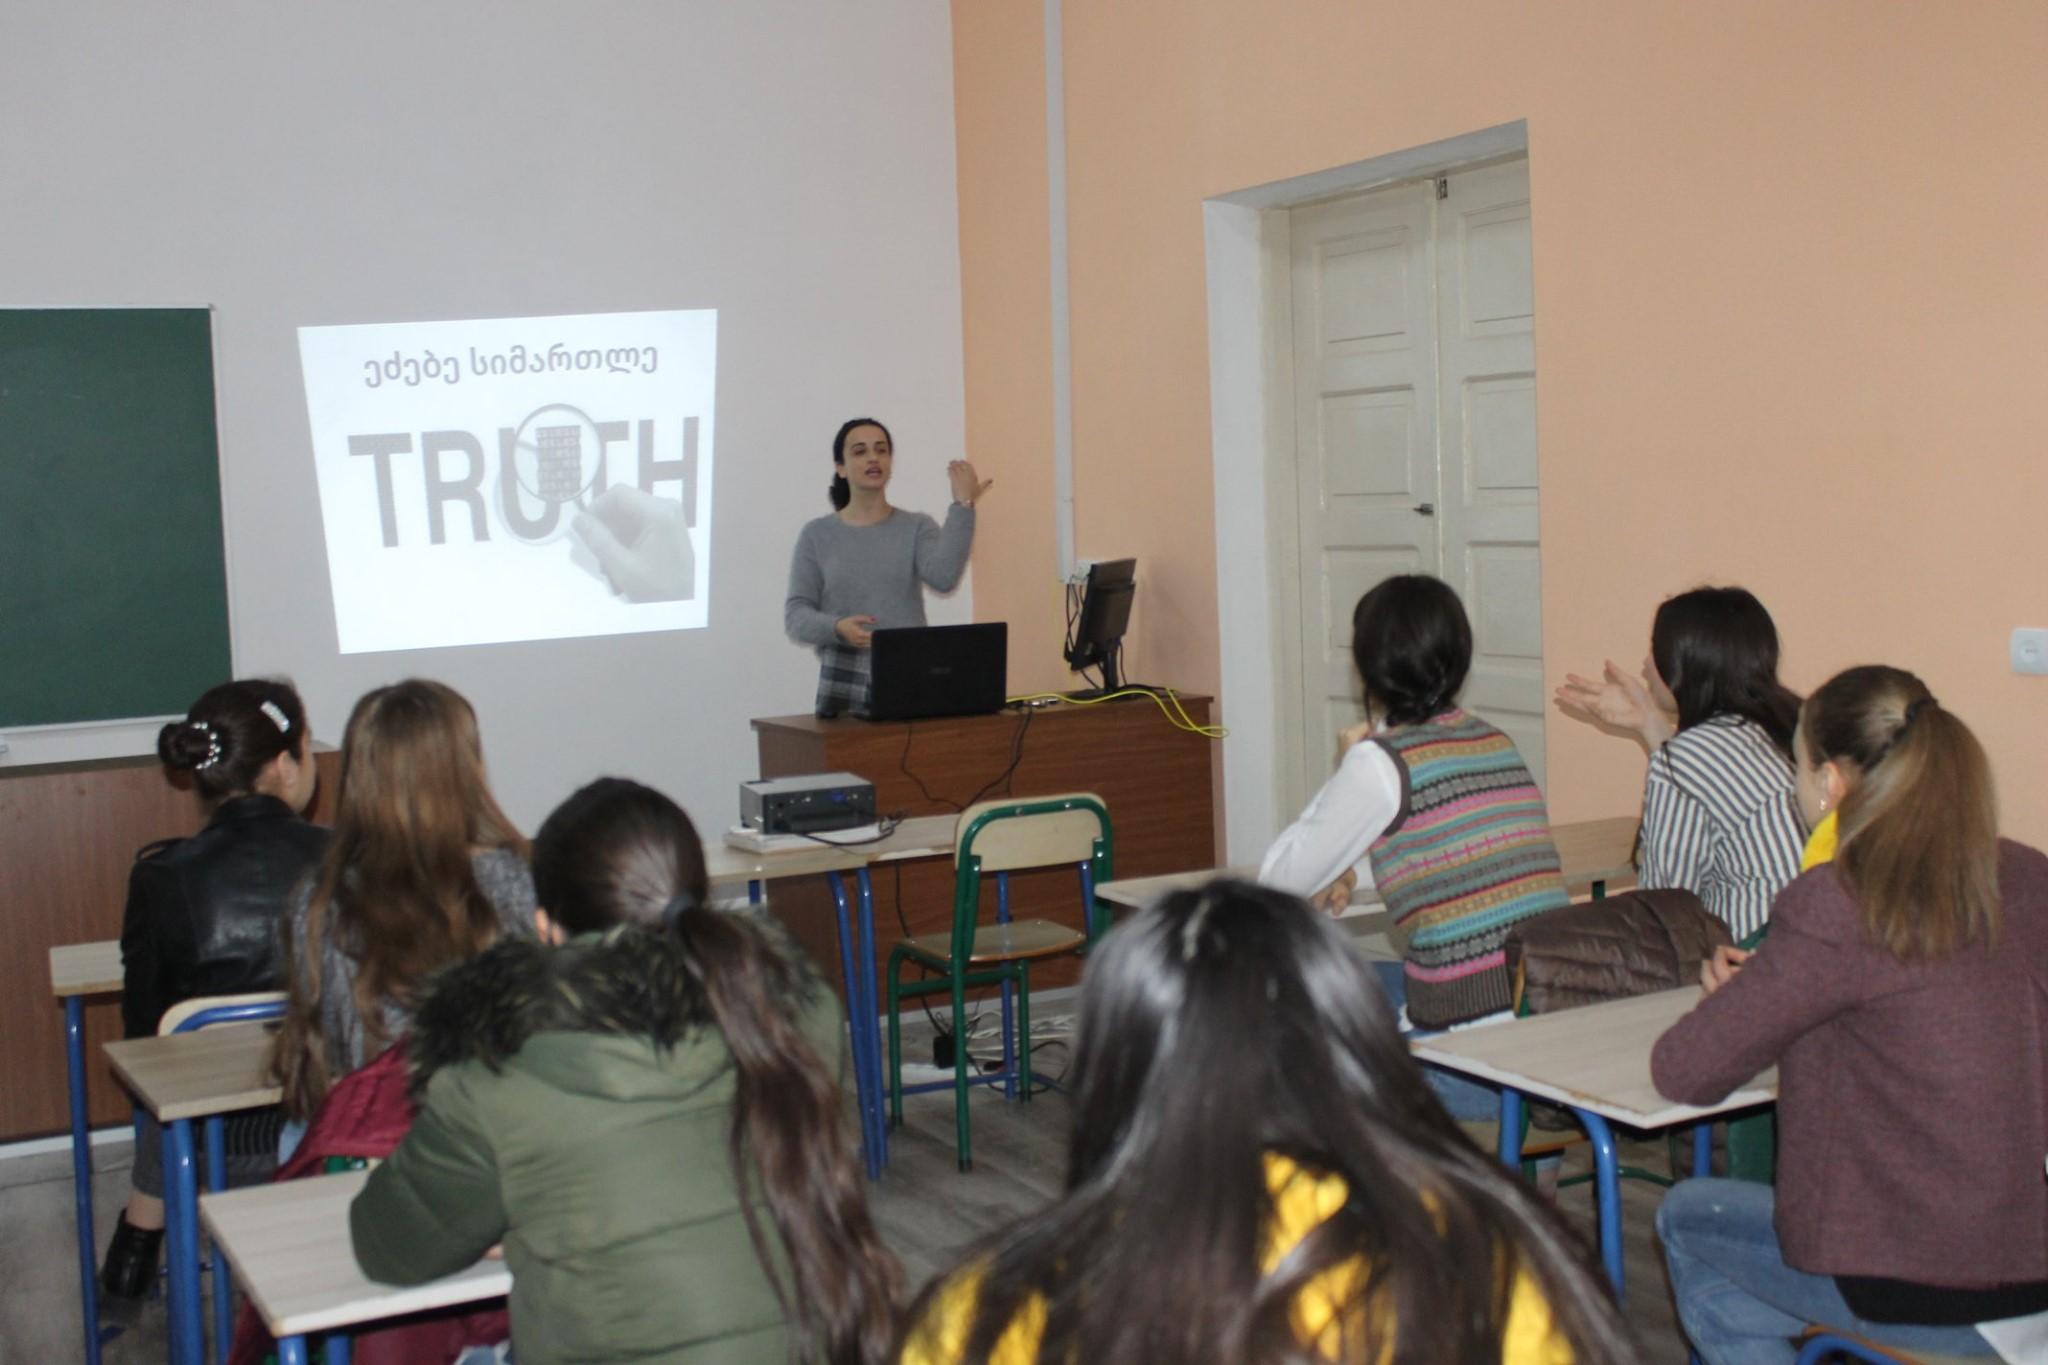 მედია წიგნიერება: საინფორმაციო შეხვედრა